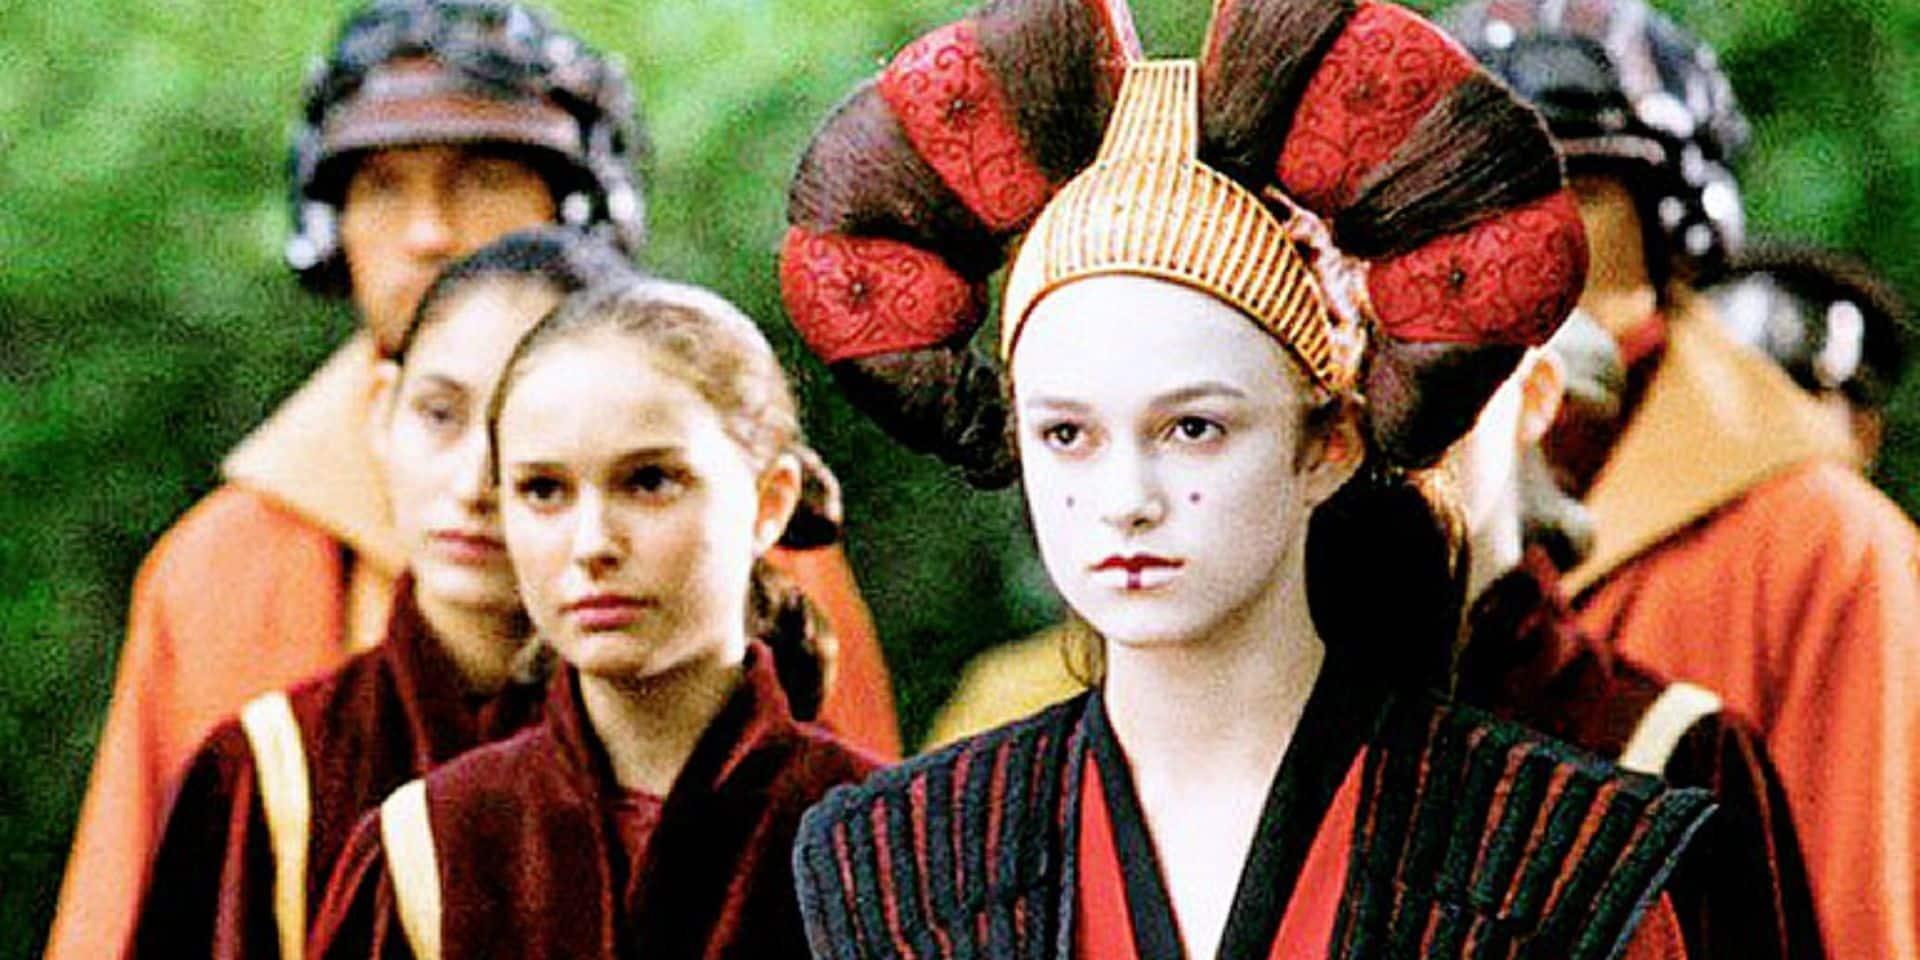 """Keira Knightley, doublure de Padmé dans Star Wars, n'a plus de souvenir de son passage dans la saga:""""Attendez une minute. Je jouais qui ?"""""""